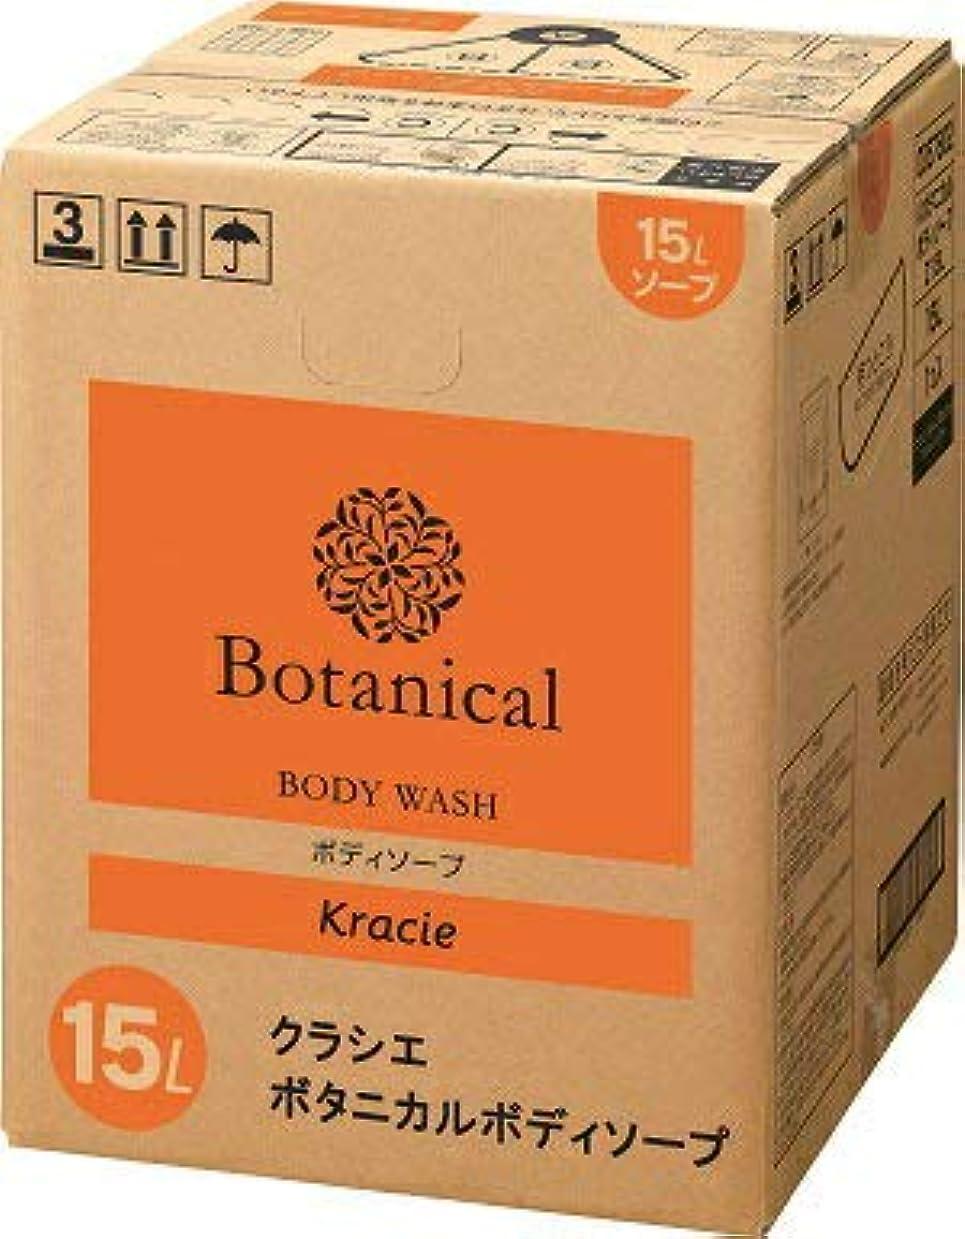 Kracie クラシエ Botanical ボタニカル ボディソープ 15L 詰め替え 業務用